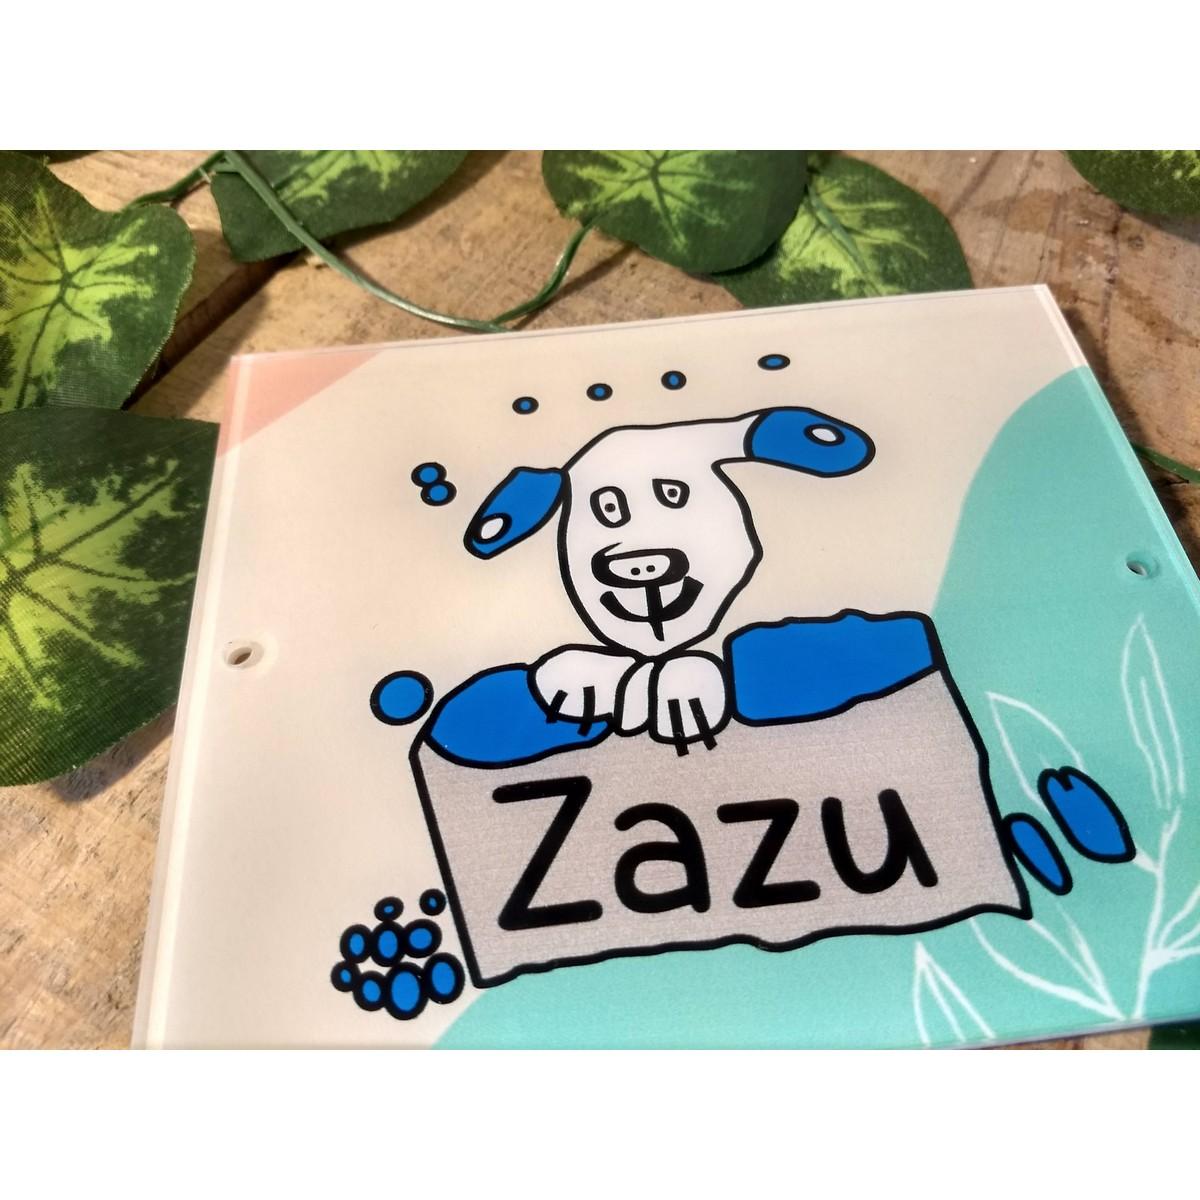 Dog Name Plate  UV Printed  Double Protection  Dog Name Plate 2